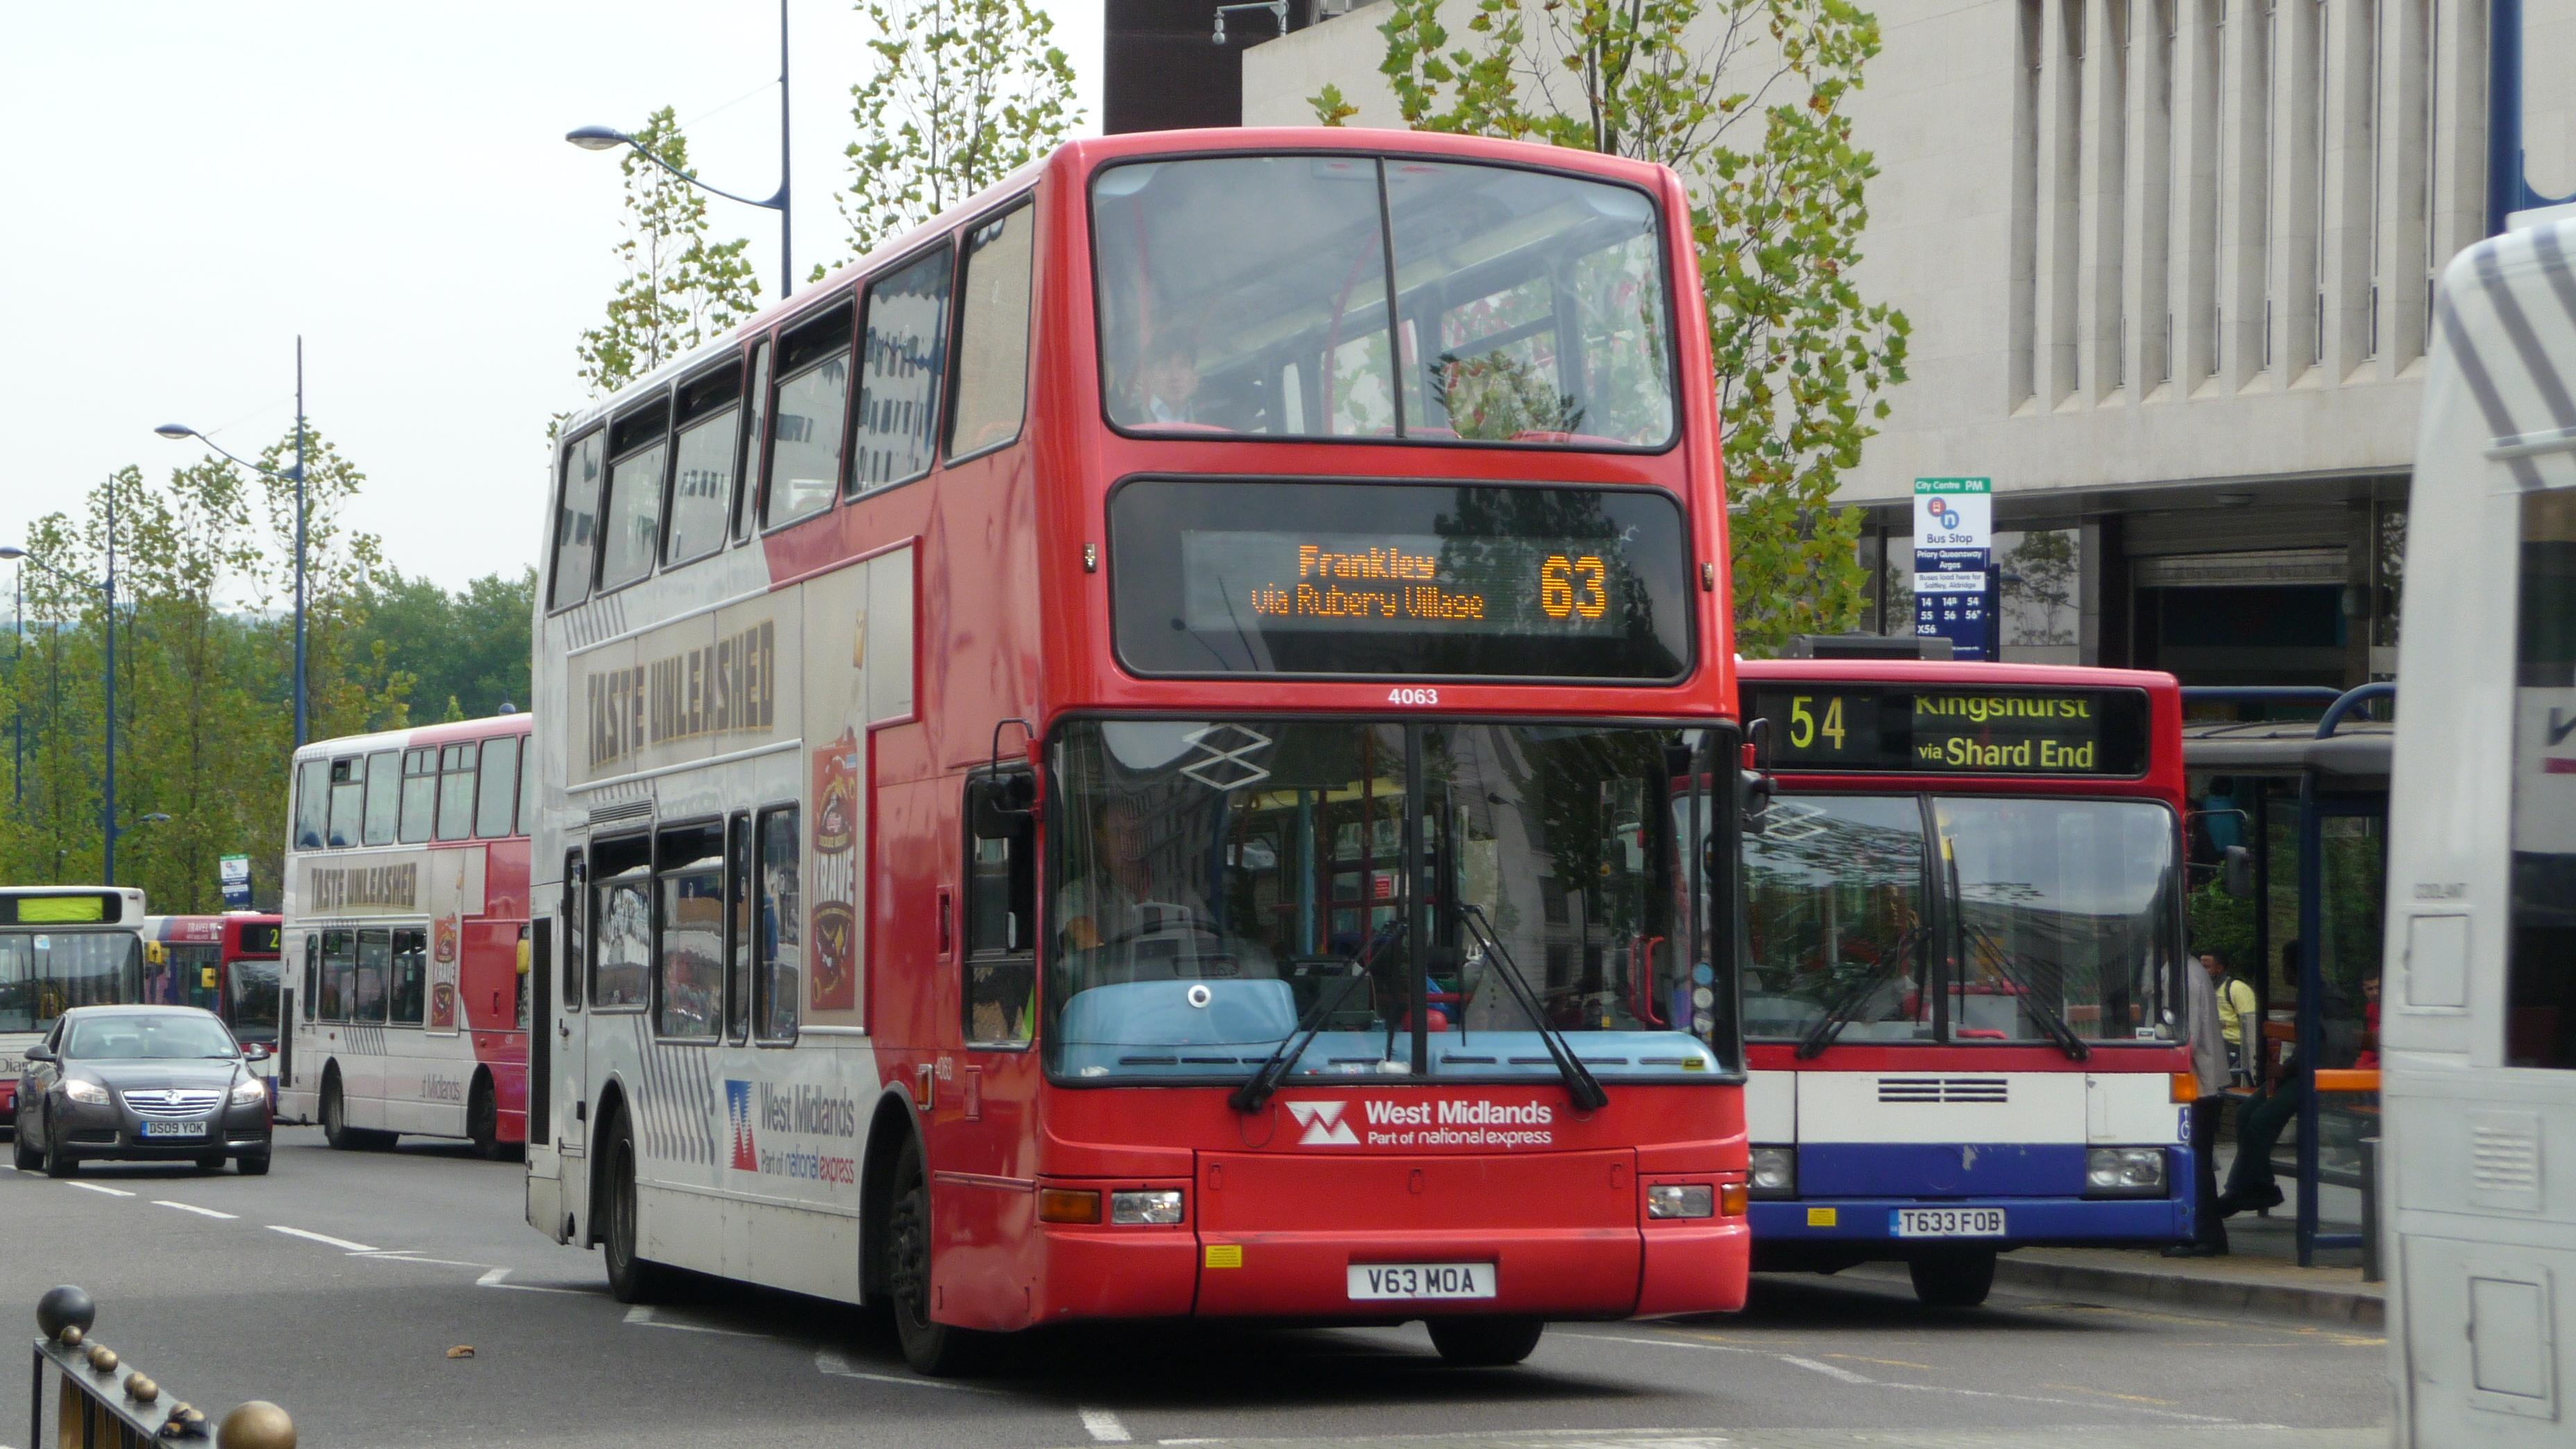 Filenational Express West Midlands 4063 V63 Moa Jpg